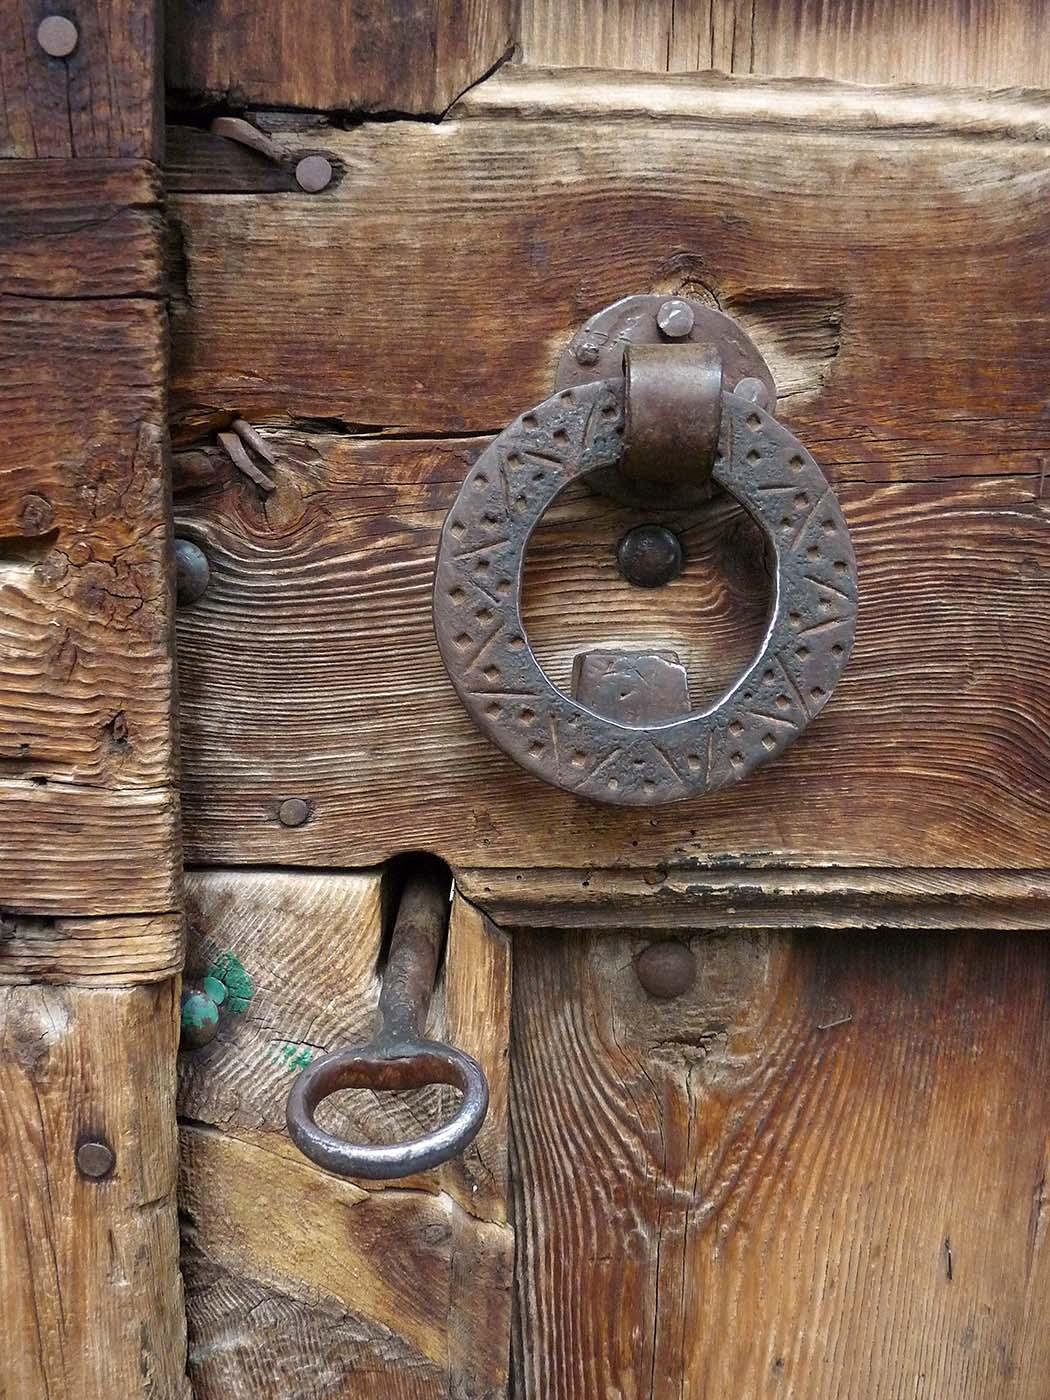 Entusiasco puertas en el valle de gista n for Puertas madera antiguas usadas